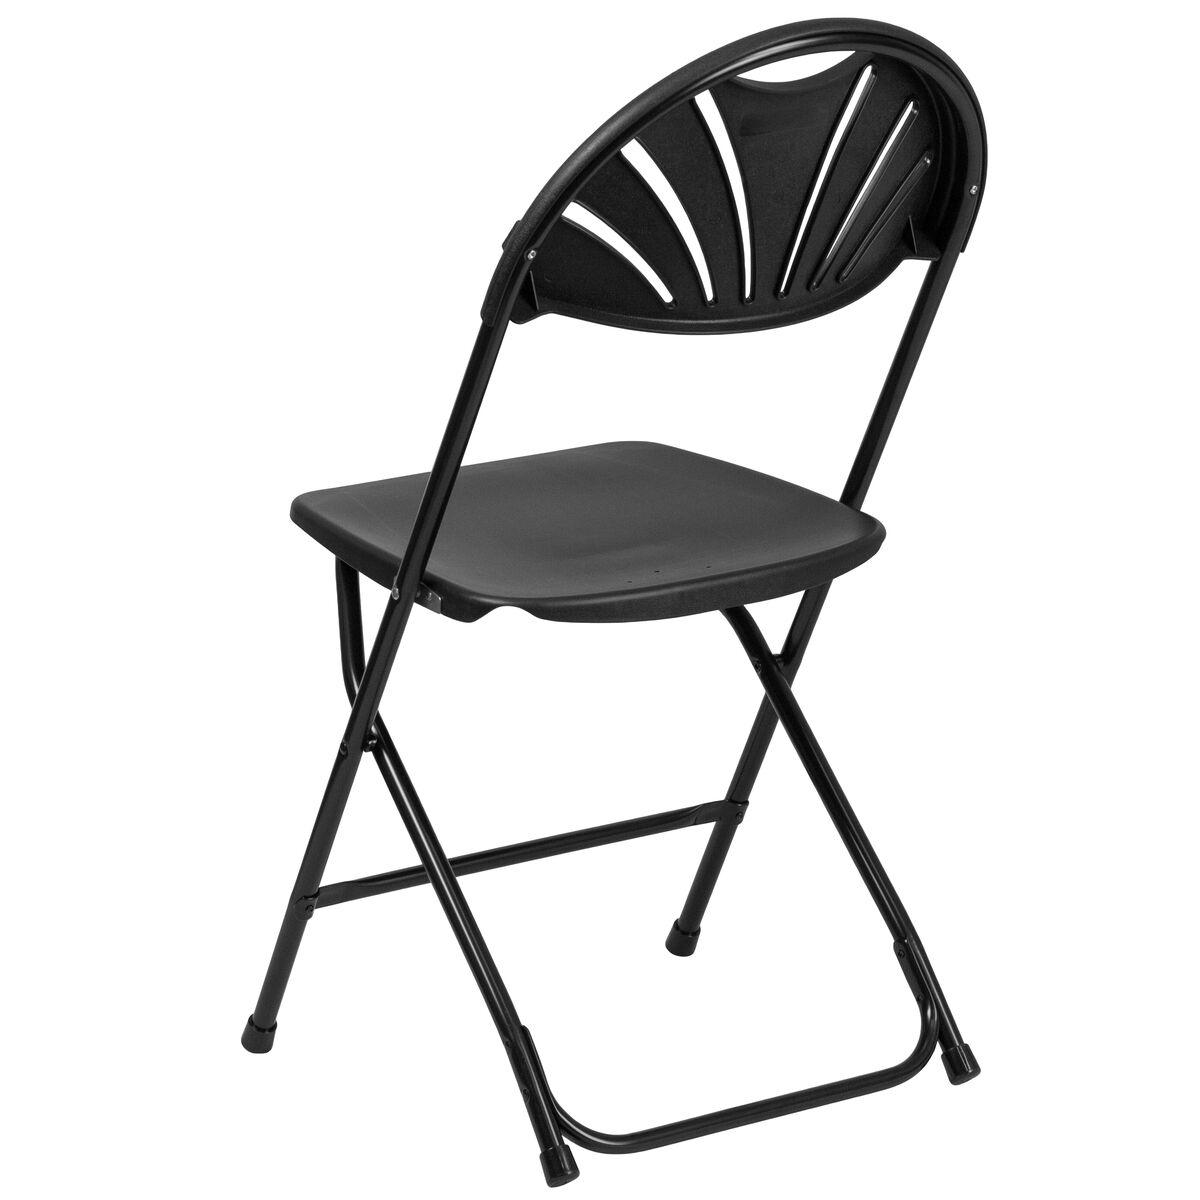 black plastic folding chair le l 4 bk gg bestchiavarichairs com